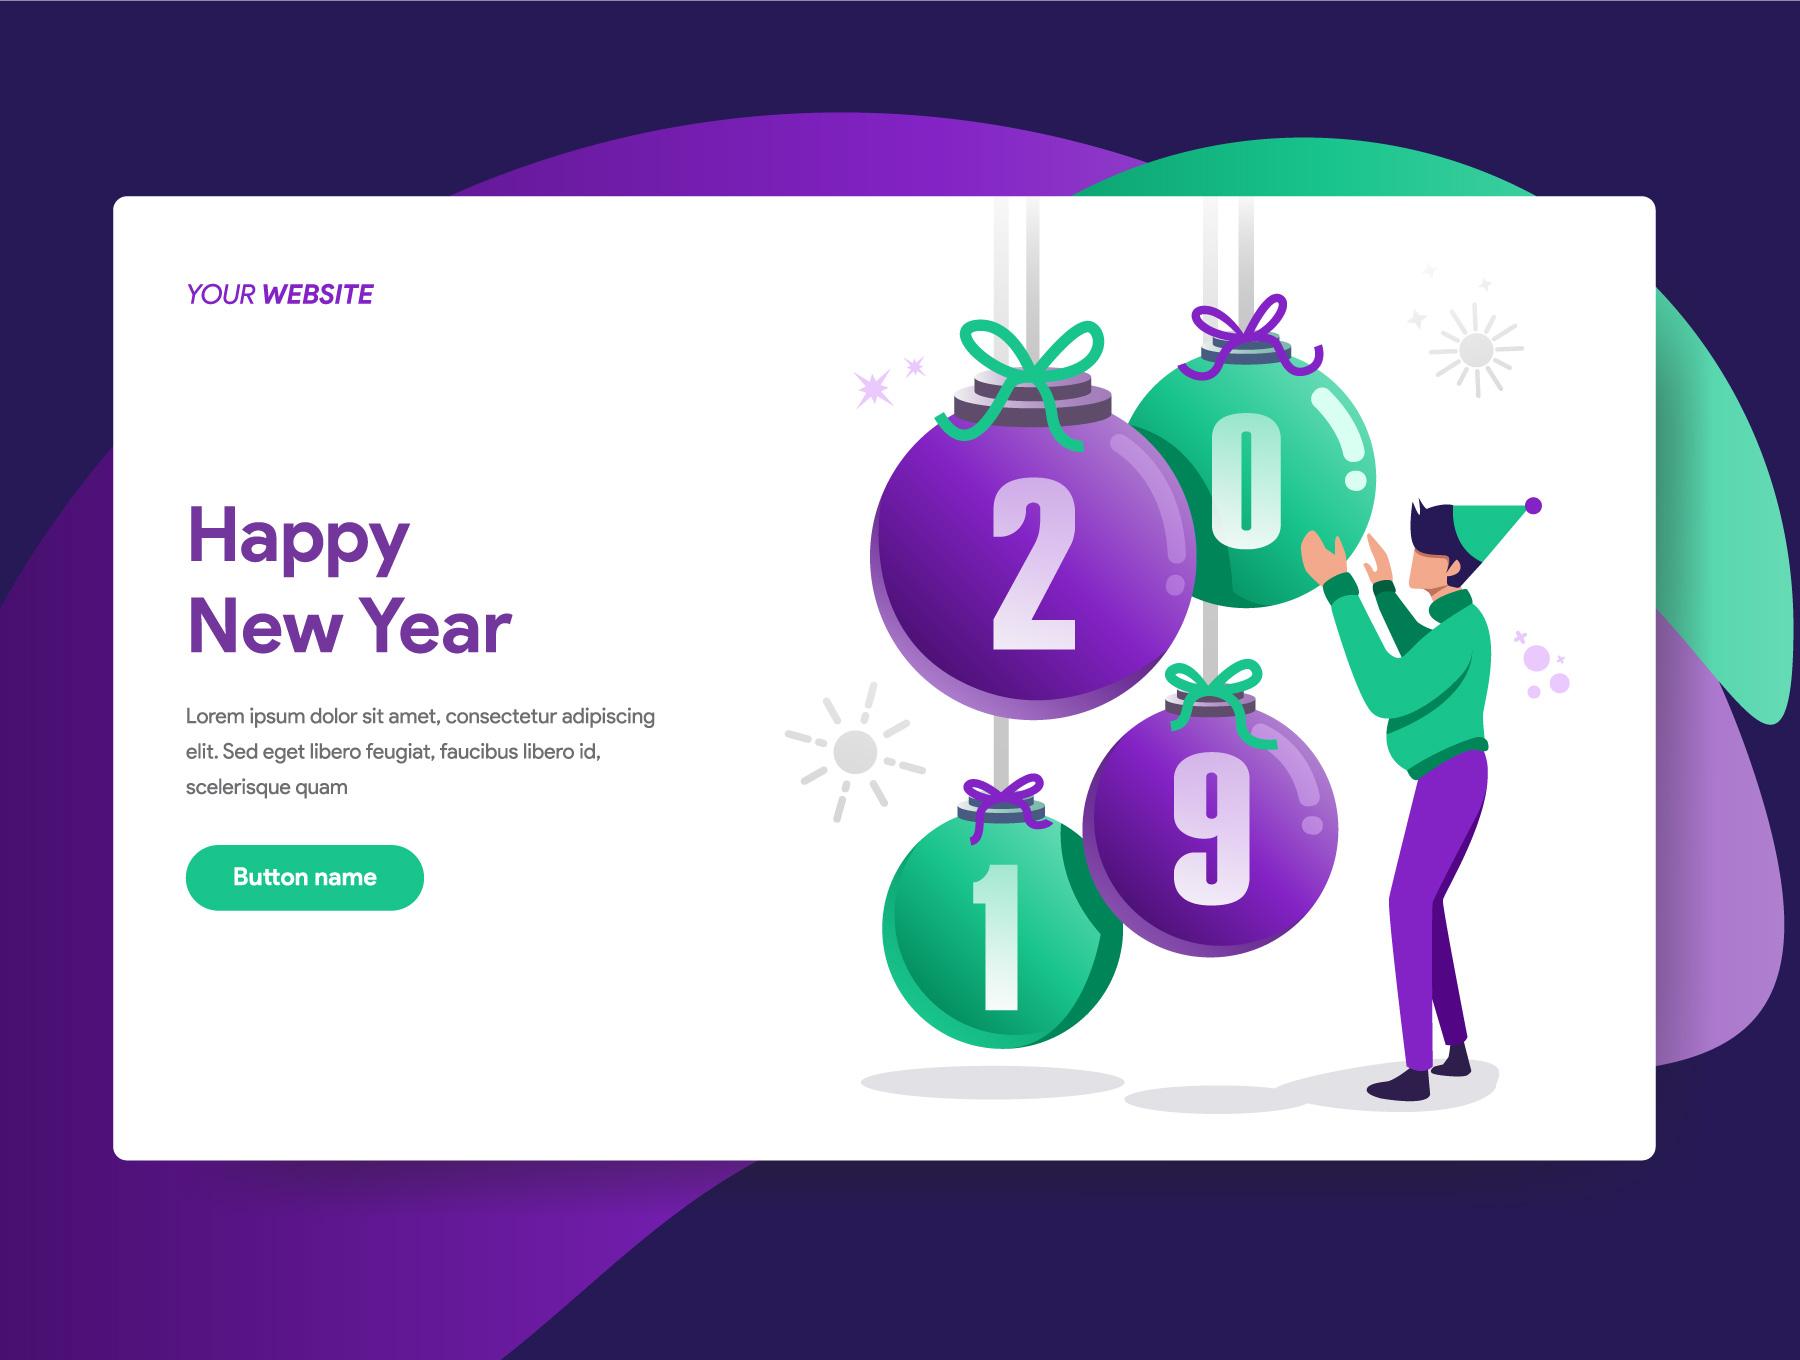 网站页面设计2019新年矢量概念插图素材 2019 New Year Illustrations插图(1)